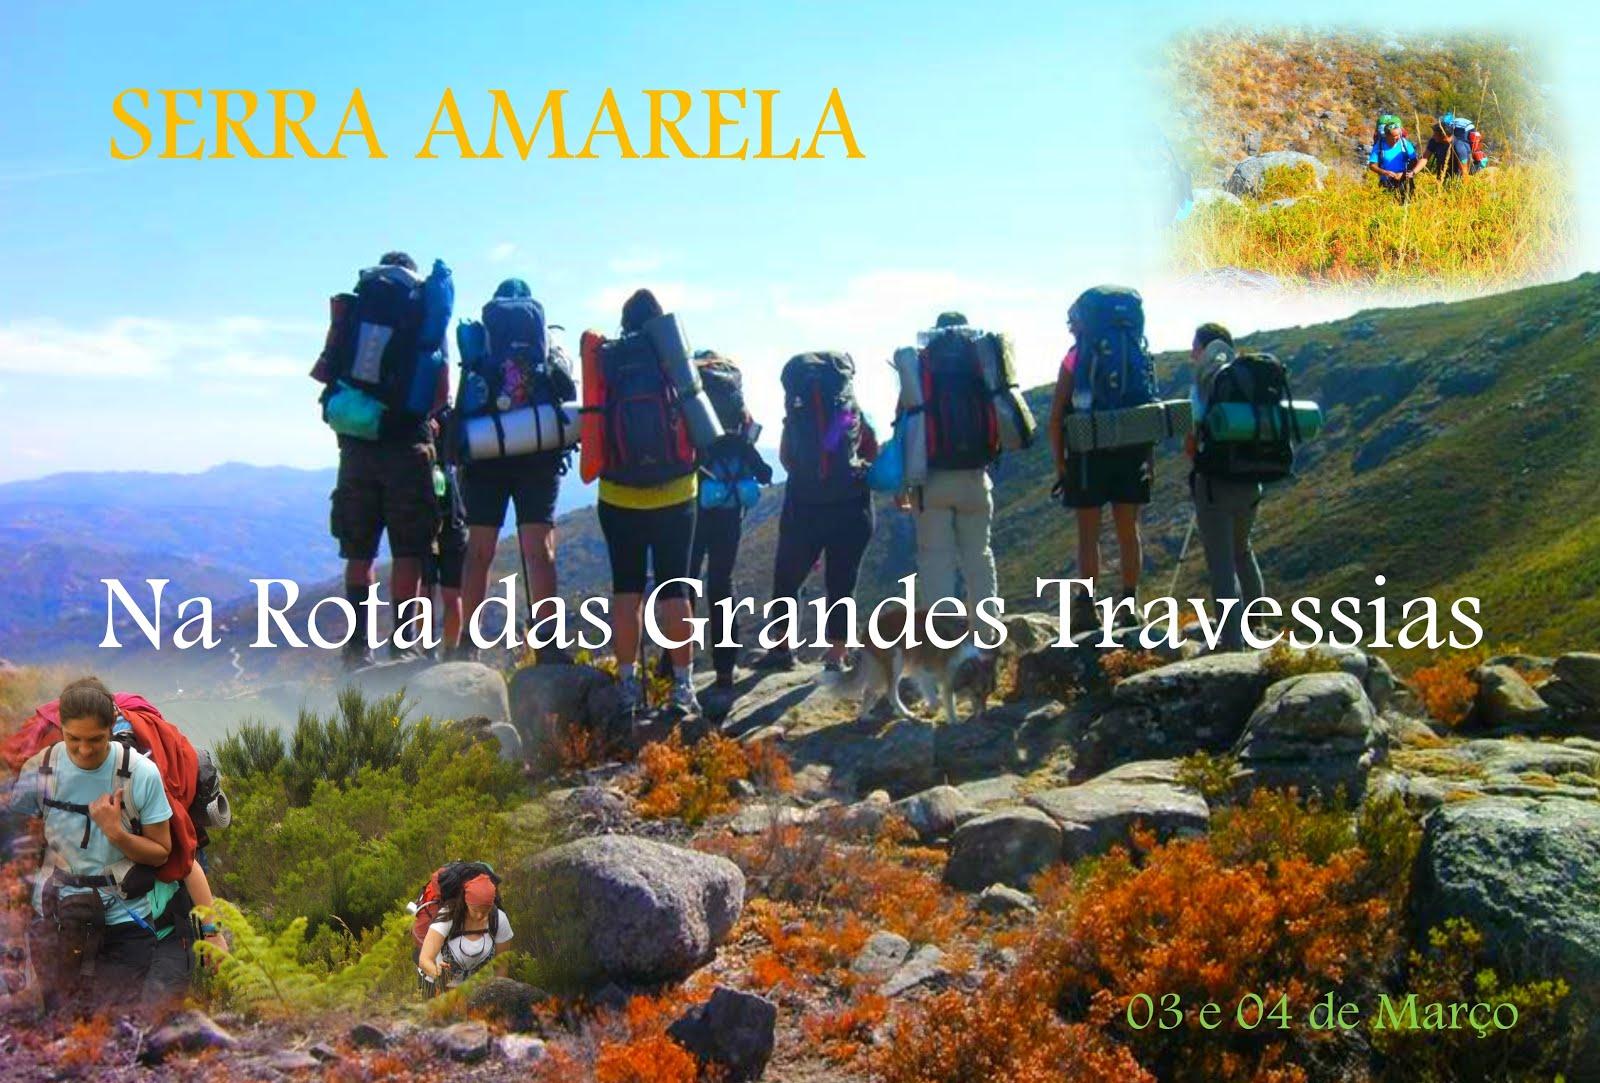 03 e 04/03/18 - Travessia da Serra Amarela